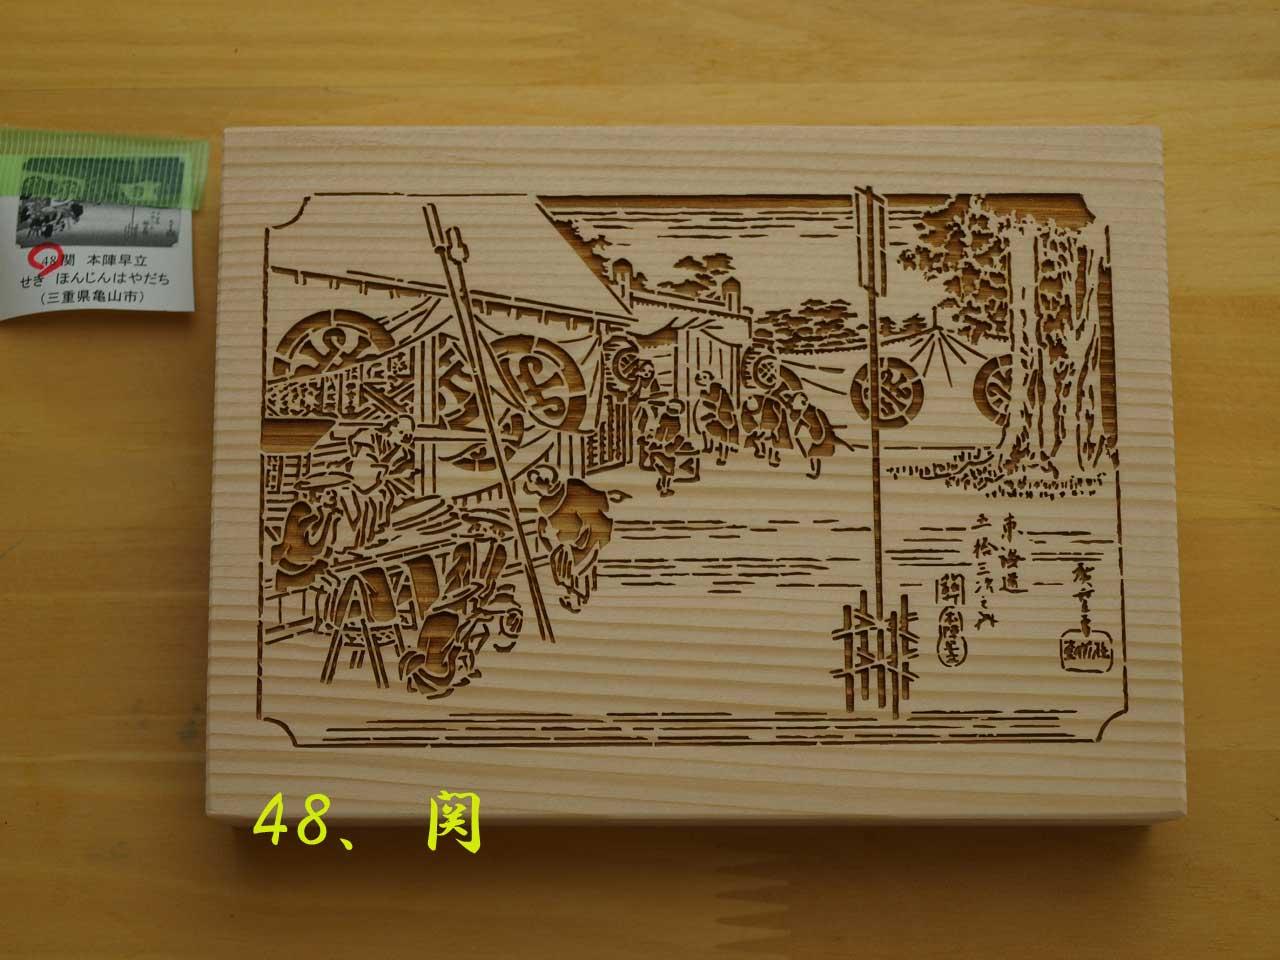 【海苔箱】48「関」東海道五十三次 炭置き型 蕎麦屋・旅館向け